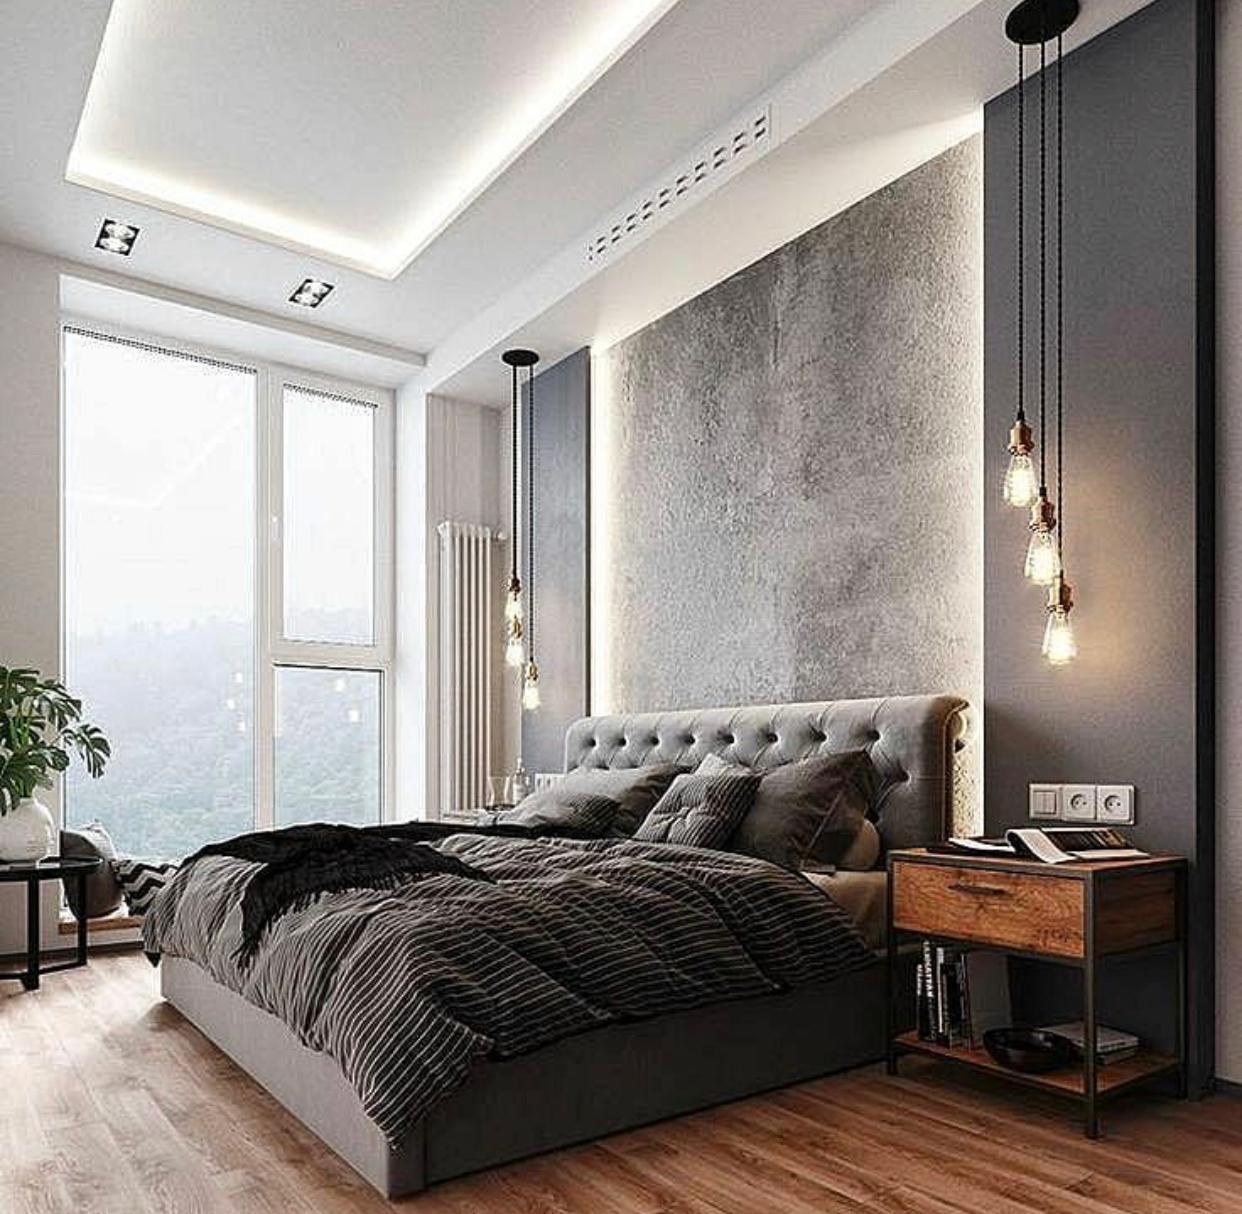 Pin by jalil kadri on Интерьер   Luxury bedroom master, Luxurious ...